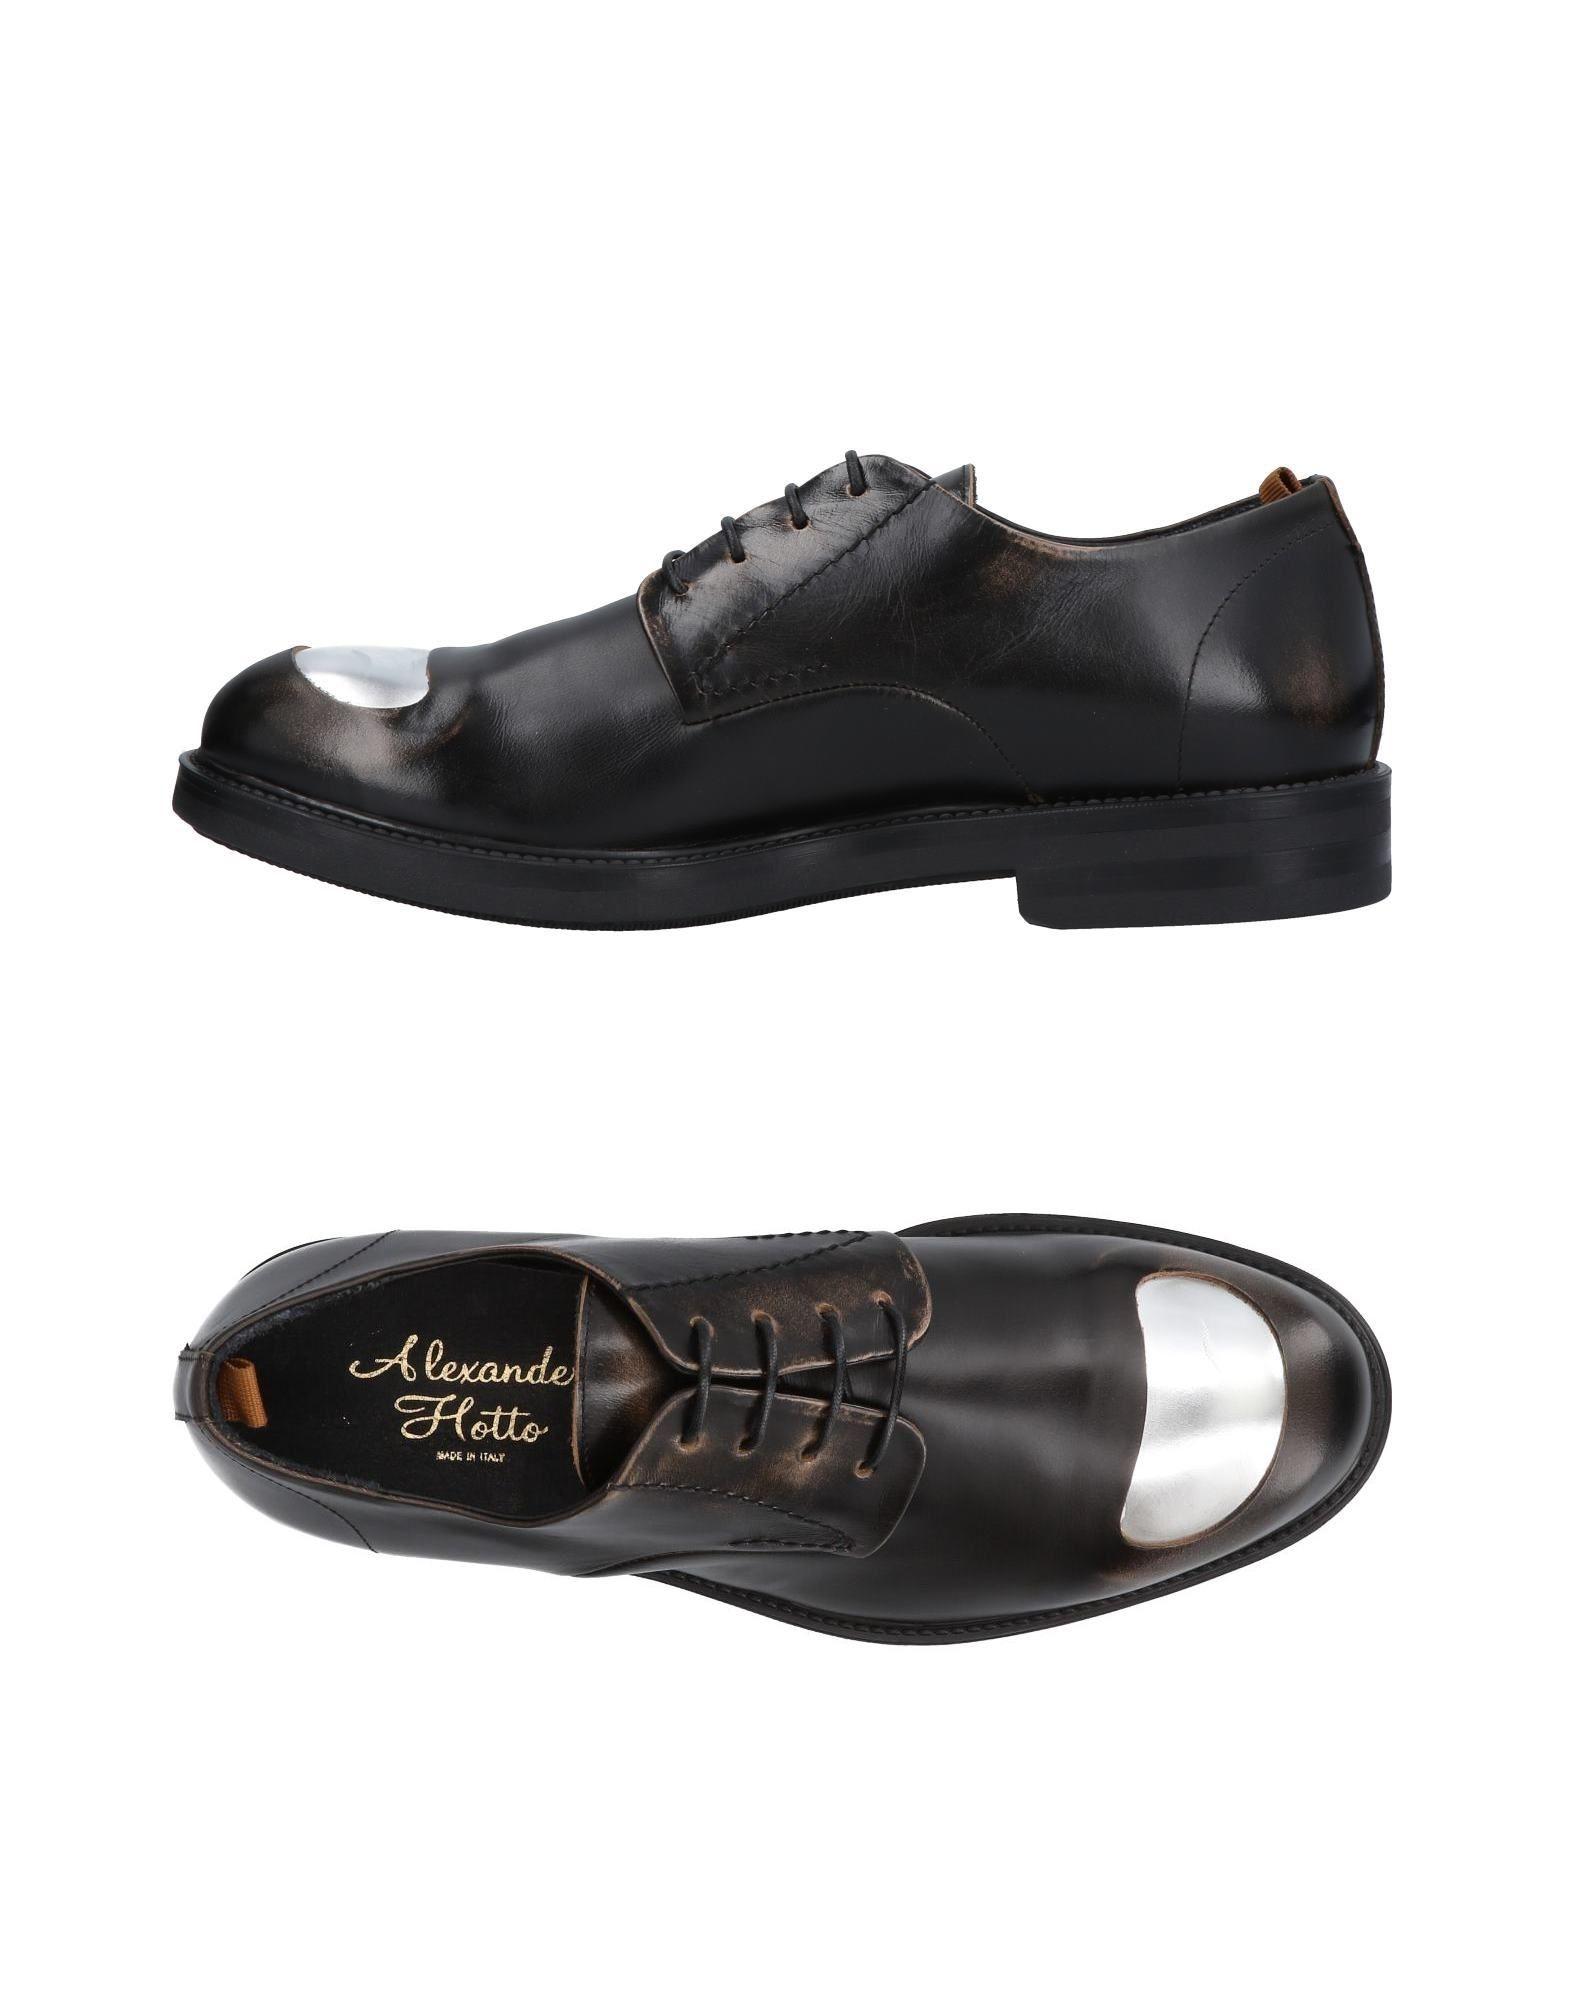 Alexander Hotto Schnürschuhe Herren  11451670QQ Gute Qualität beliebte Schuhe